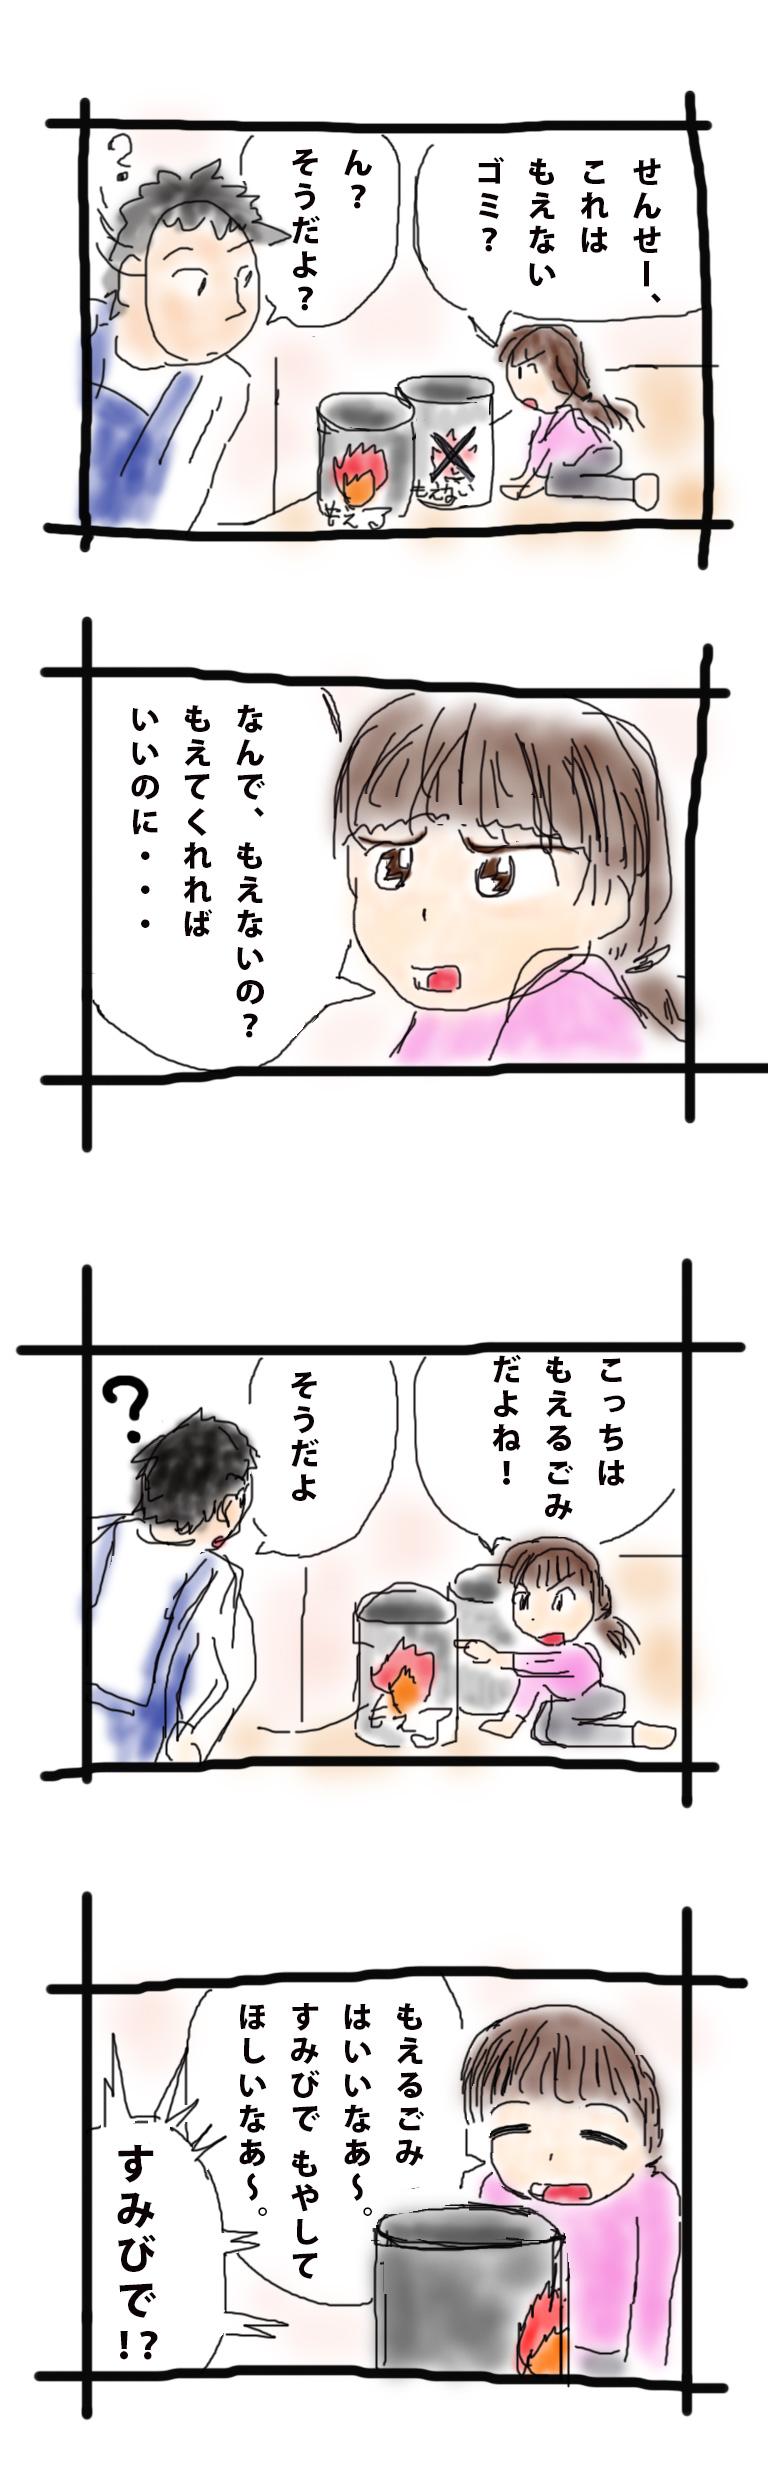 気まぐれ4コマ漫画「すみびやきごみ」